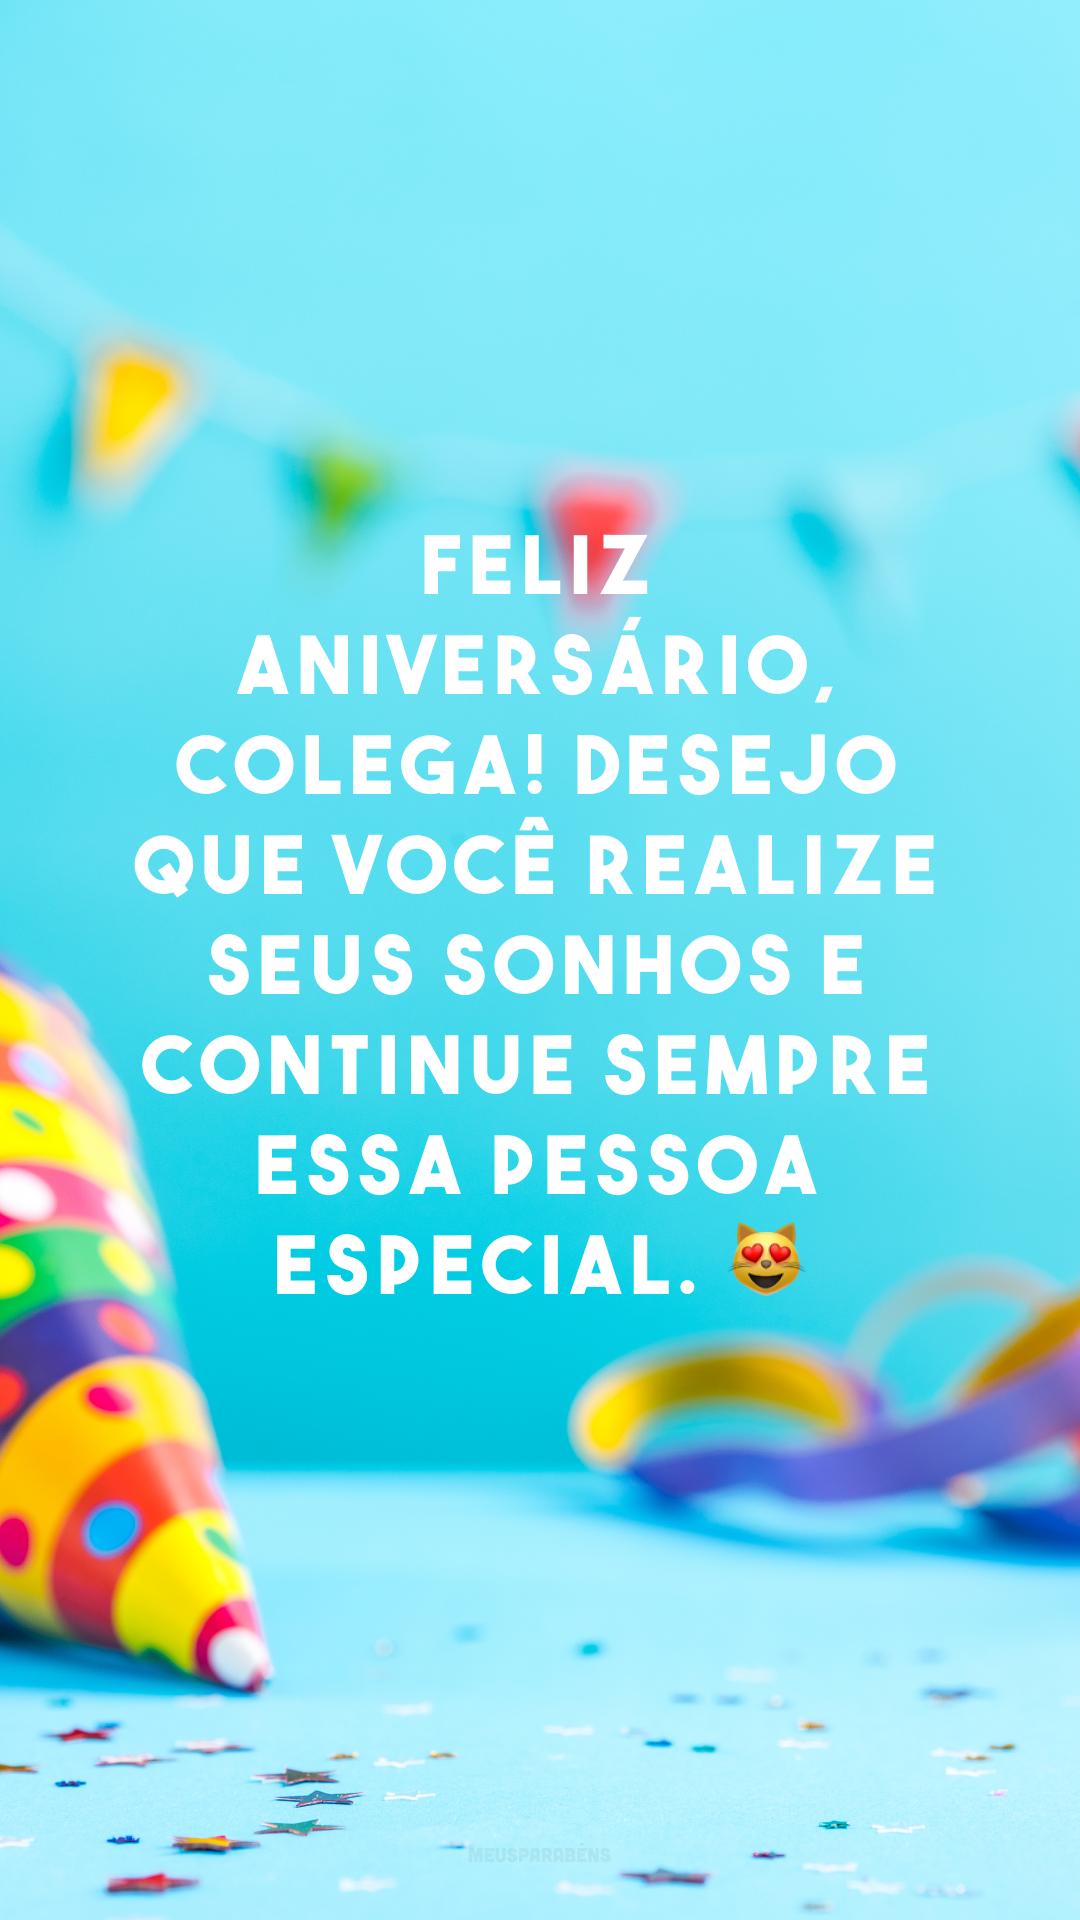 Feliz aniversário, colega! Desejo que você realize seus sonhos e continue sempre essa pessoa especial. 😻